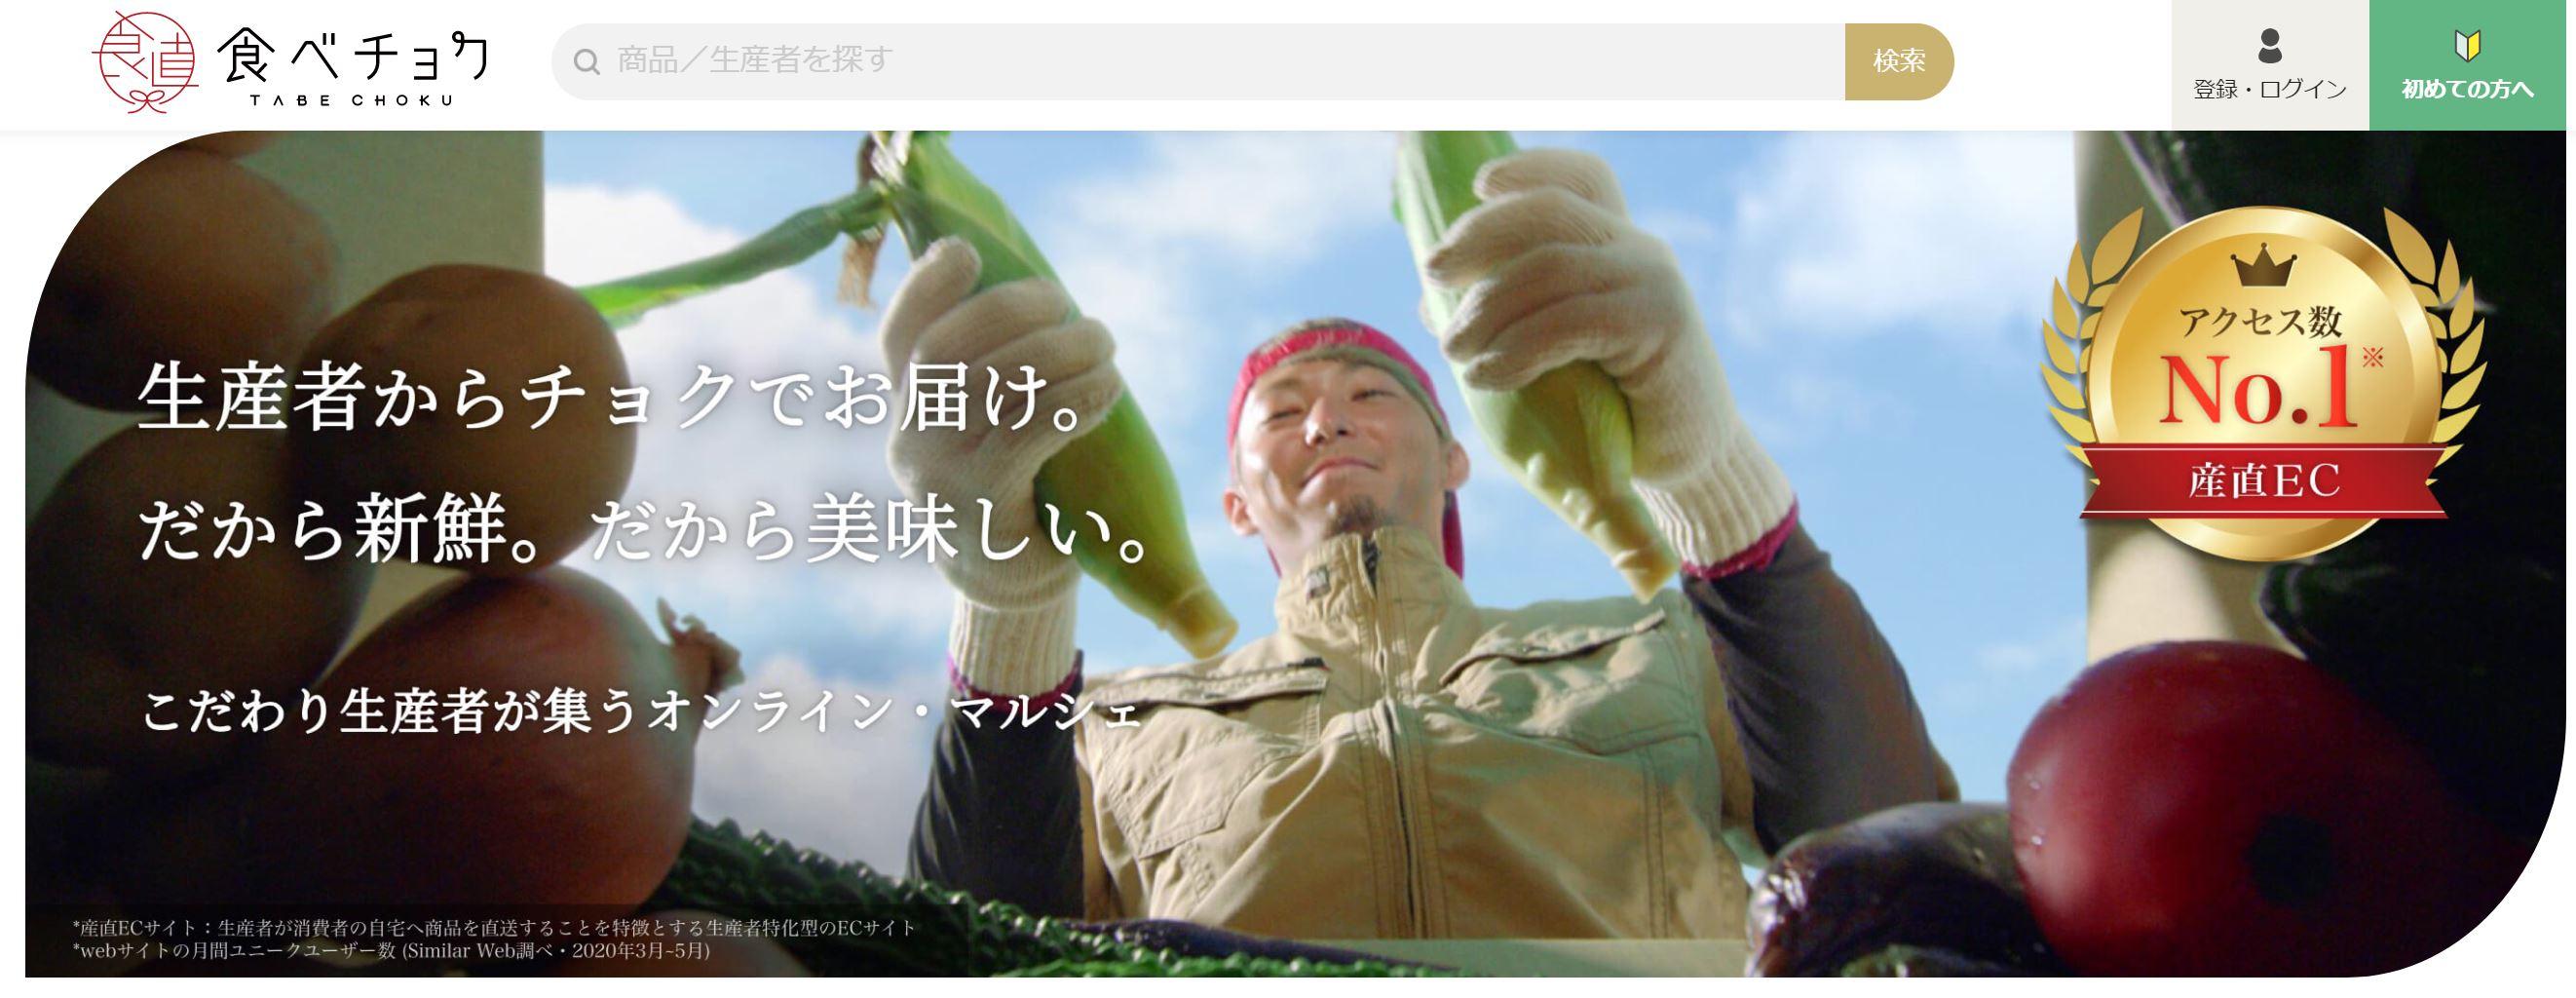 使い勝手が良いおすすめ有機野菜宅配サービス「食べチョク」